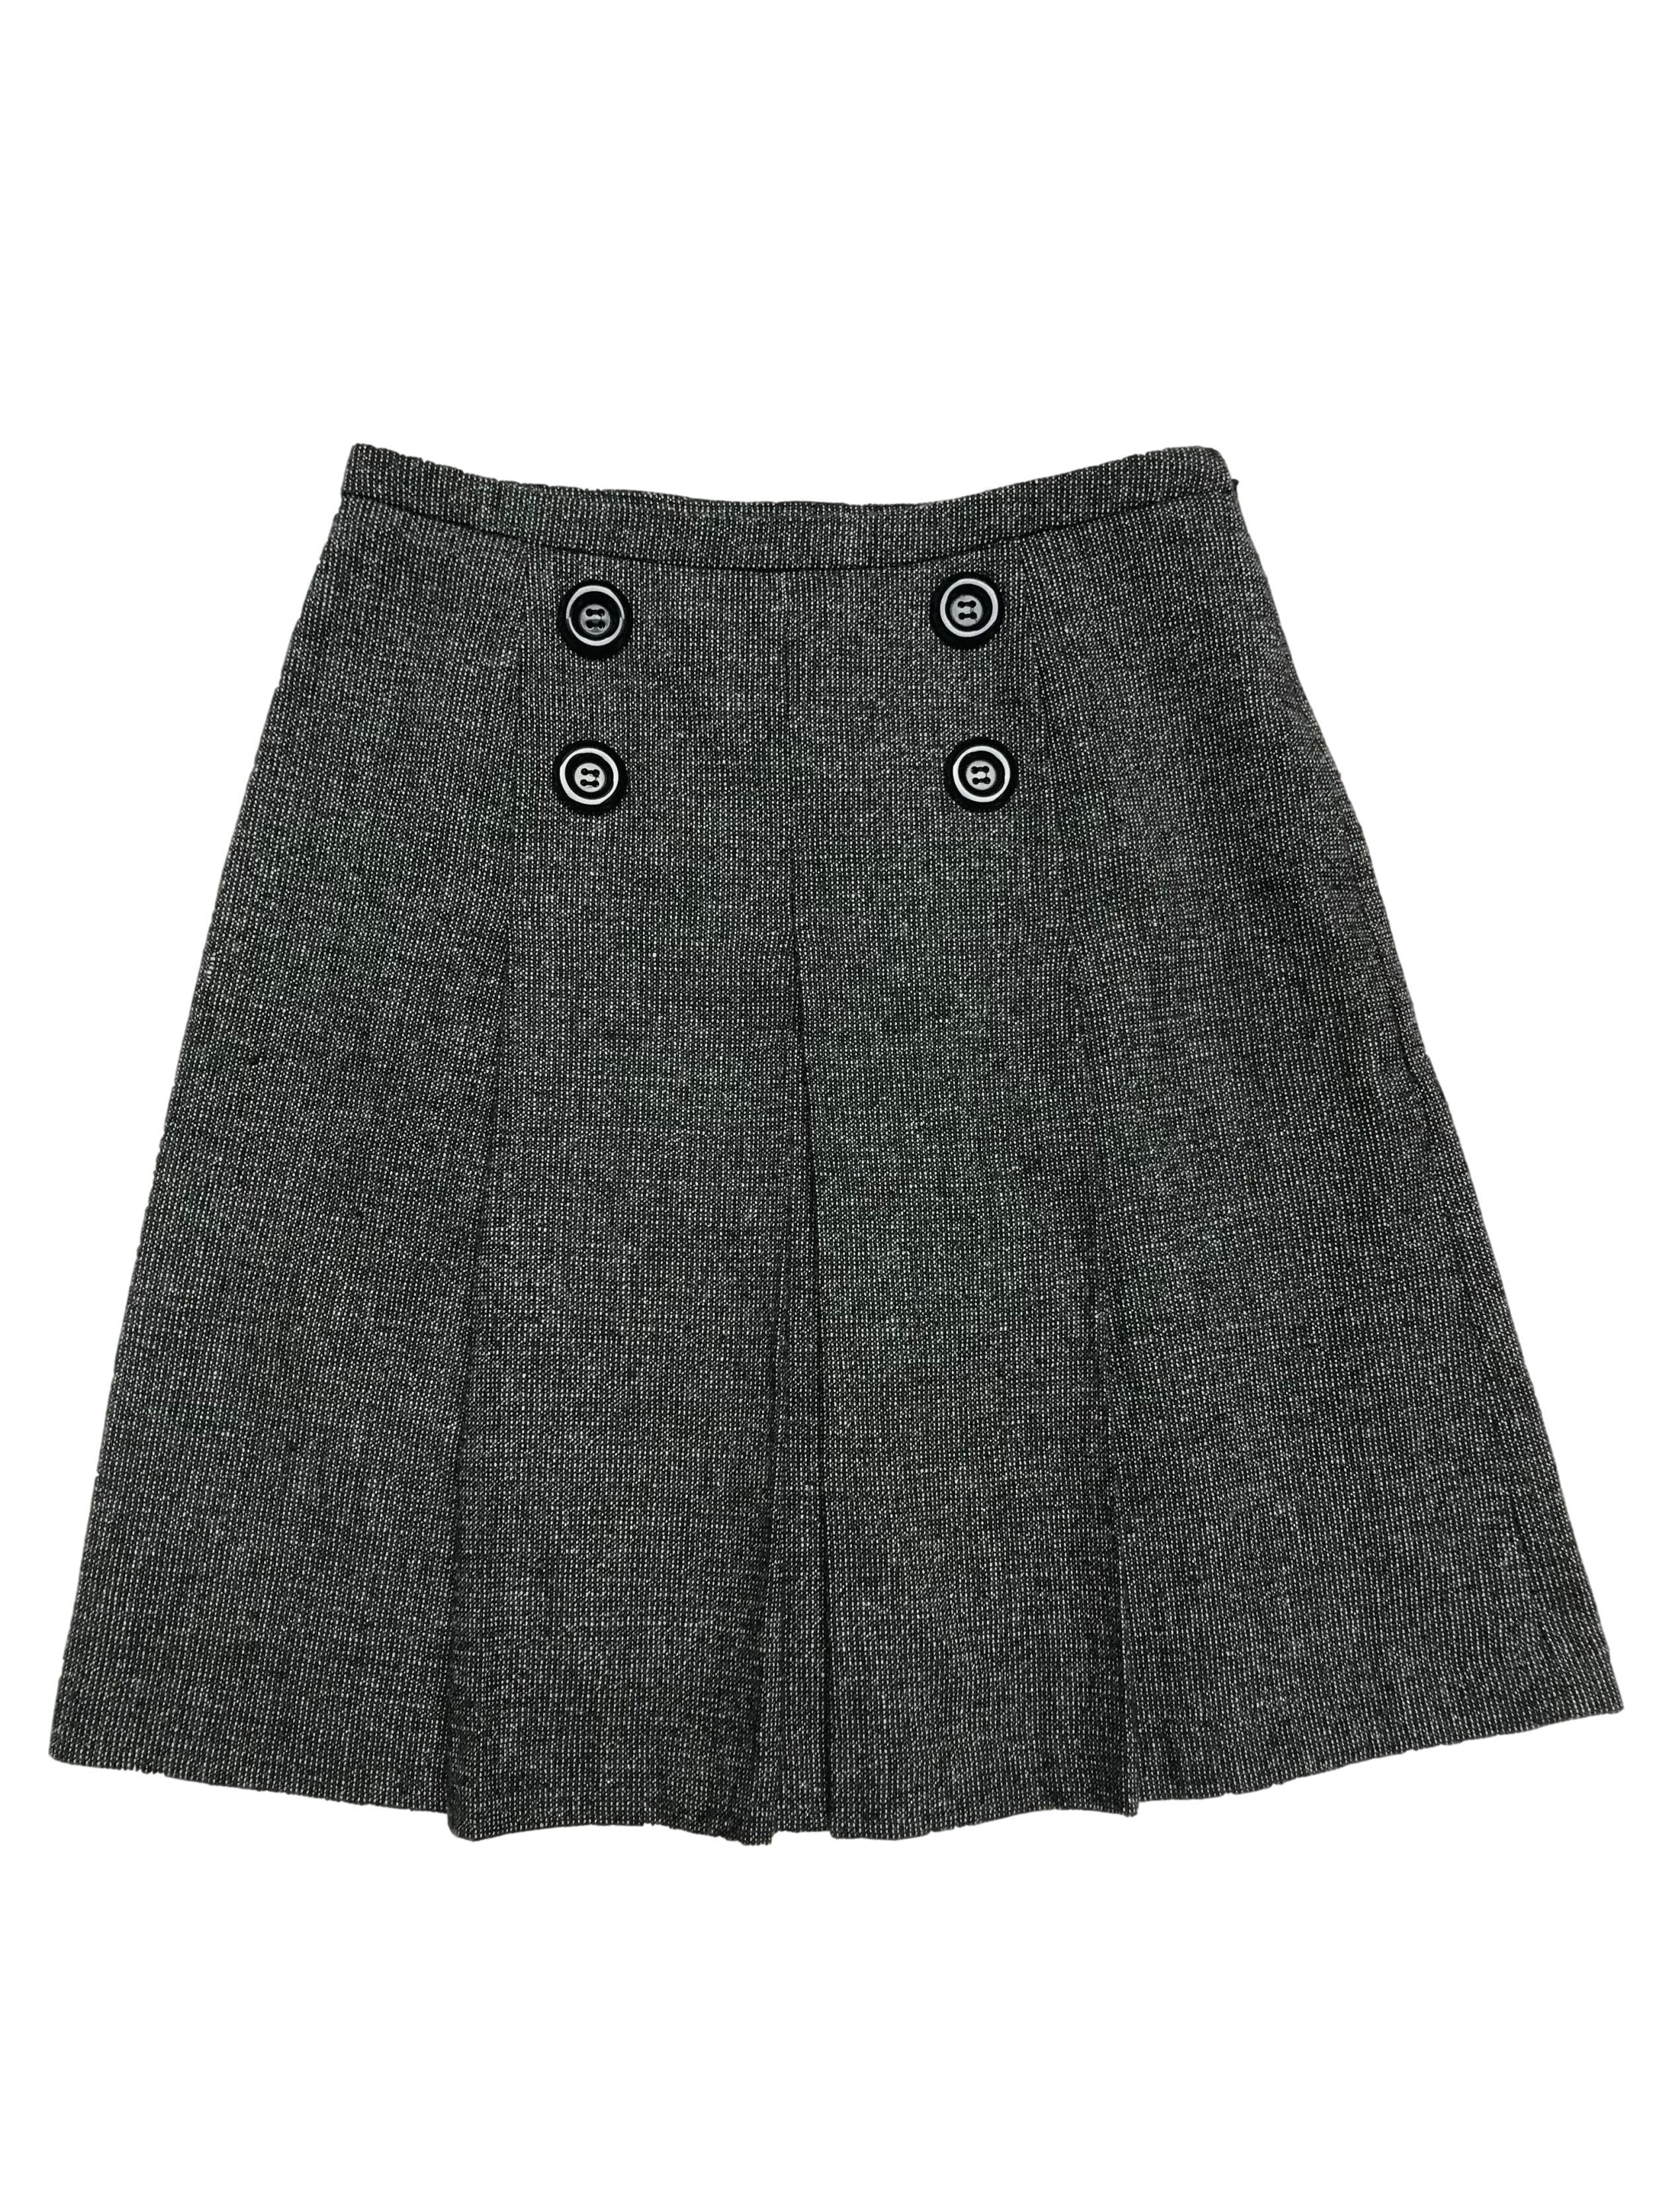 Falda de lanilla con pliegues y doble fila de botones, corte en A, forrada y con cierre lateral. Cintura 74cm Largo 53cm